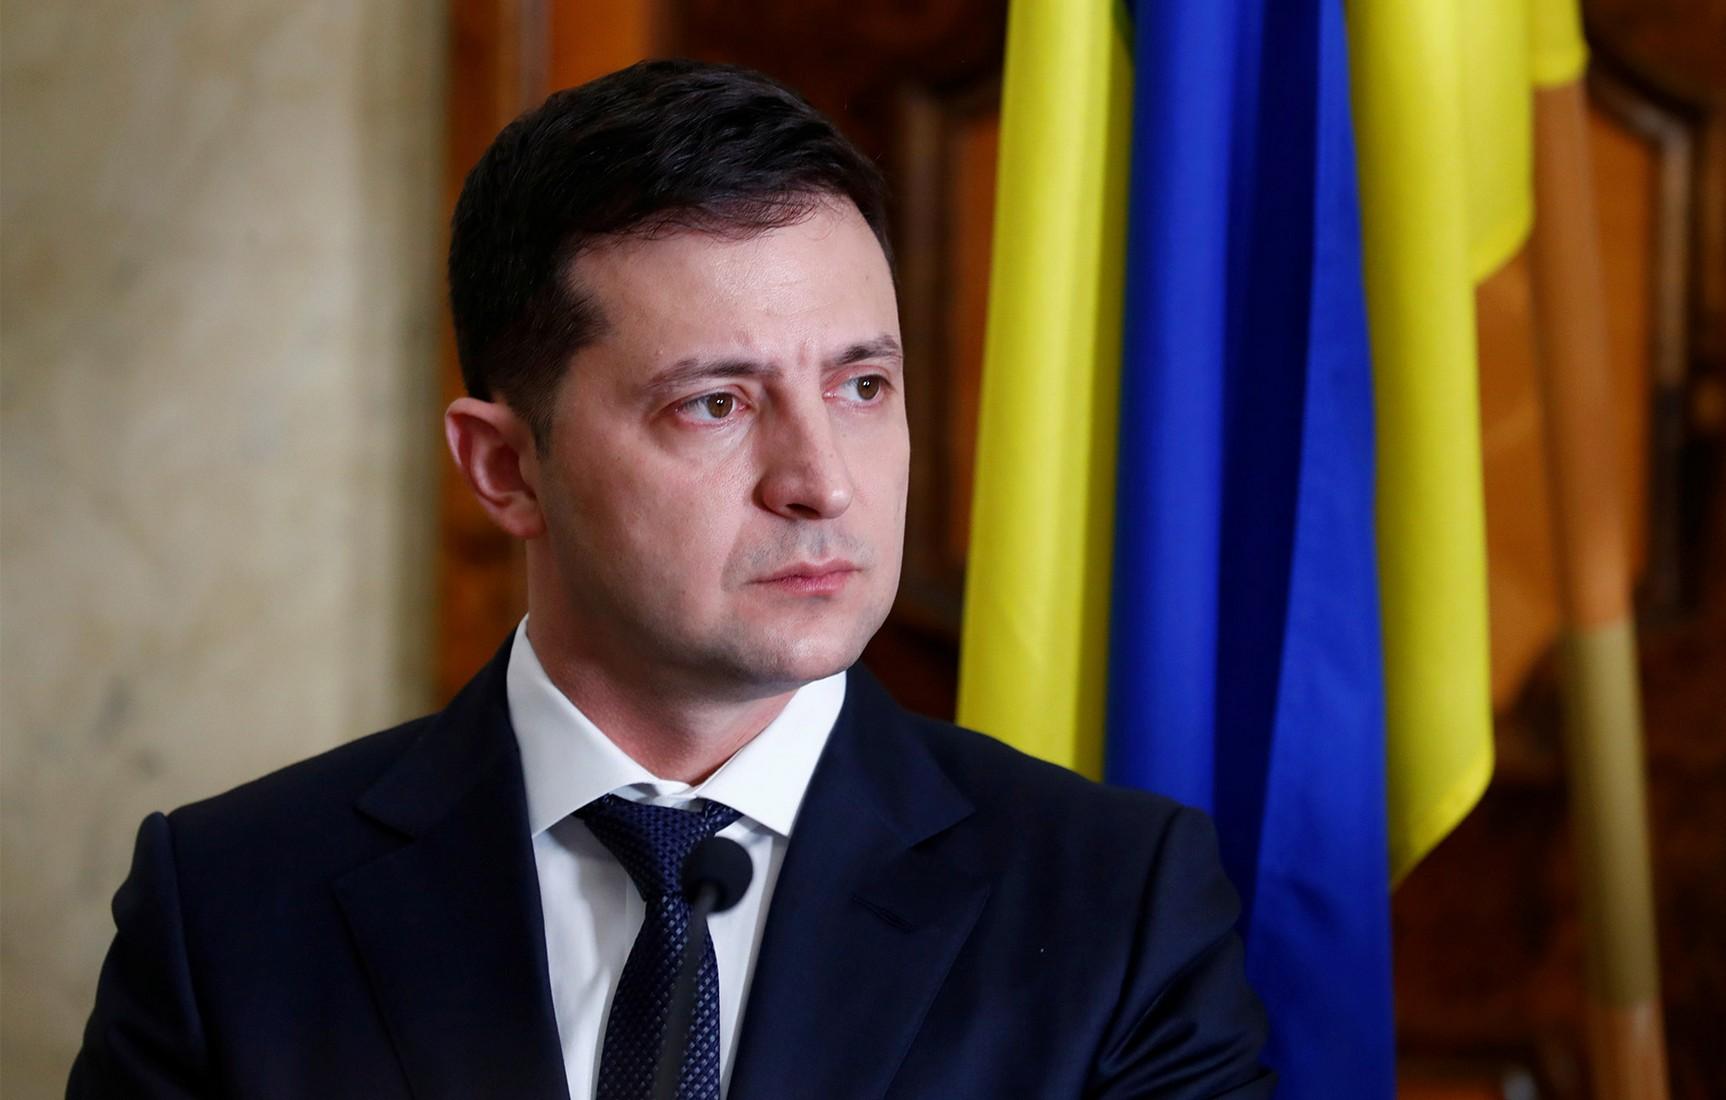 СМИ пояснили, зачем Зеленский увольняет Гончарука и меняет Кабмин